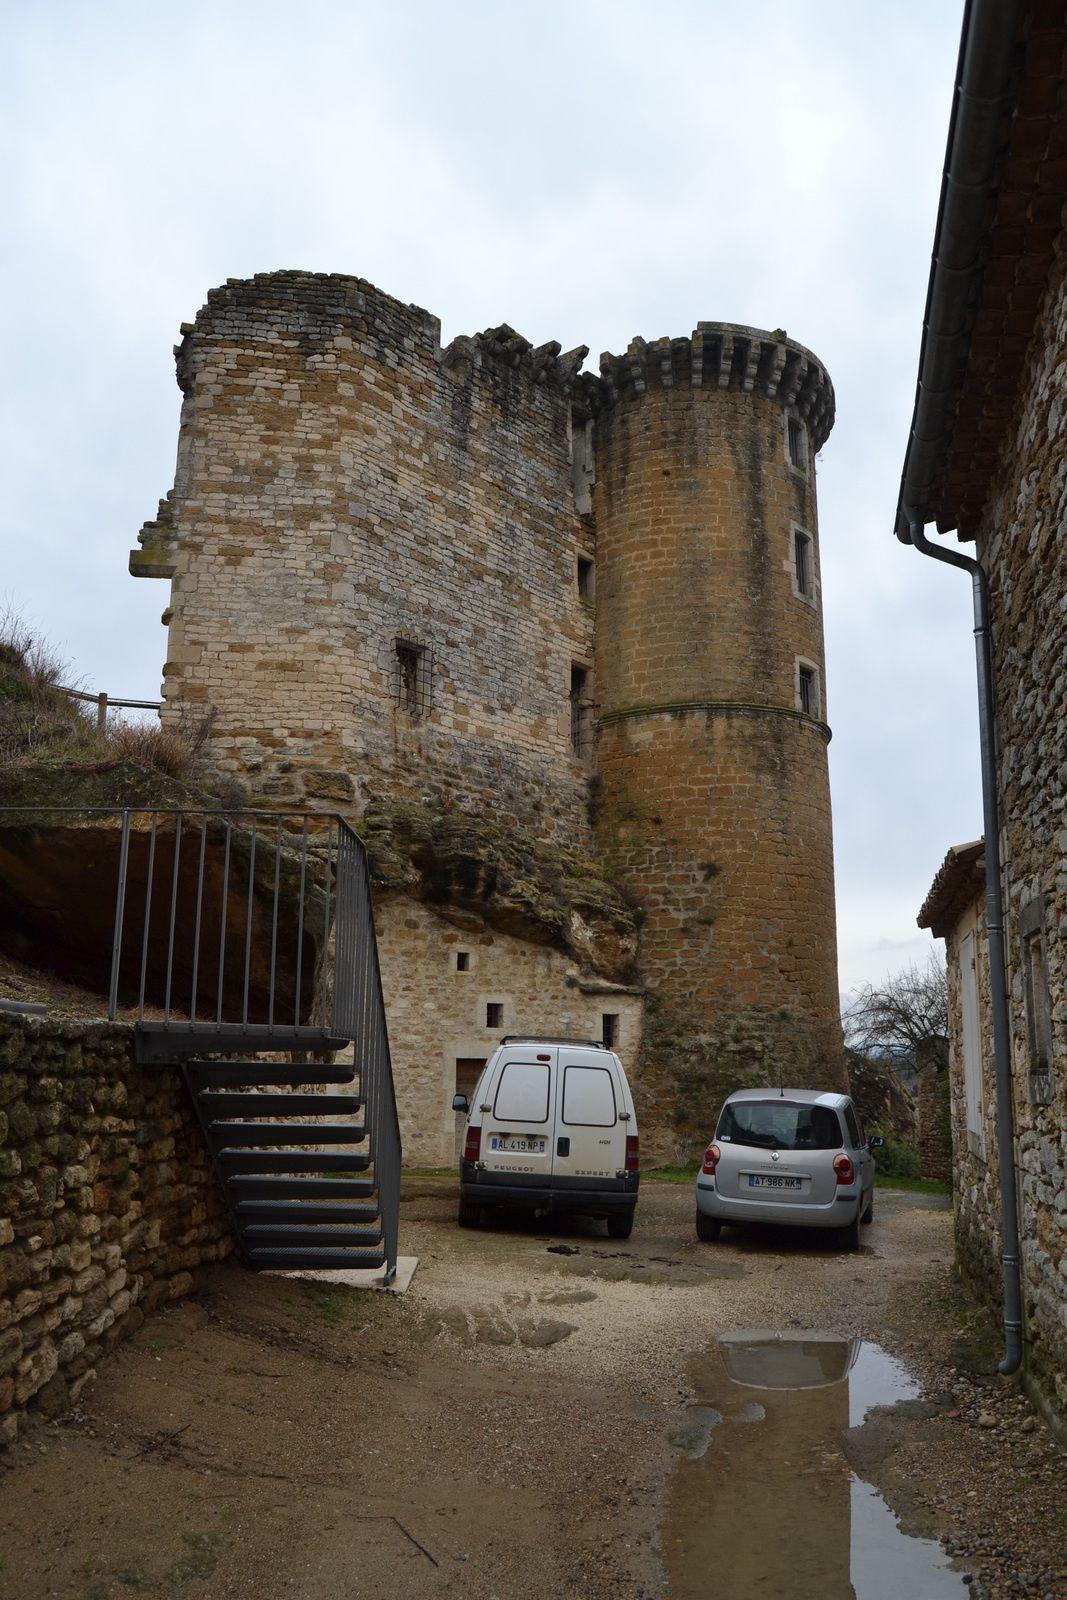 Les premières traces du château datent du xiie siècle. Durant les guerres contre Aymar de Poitiers, au siècle suivant, Simon de Montfort détruit une partie de l'édifice, en même temps que le village.